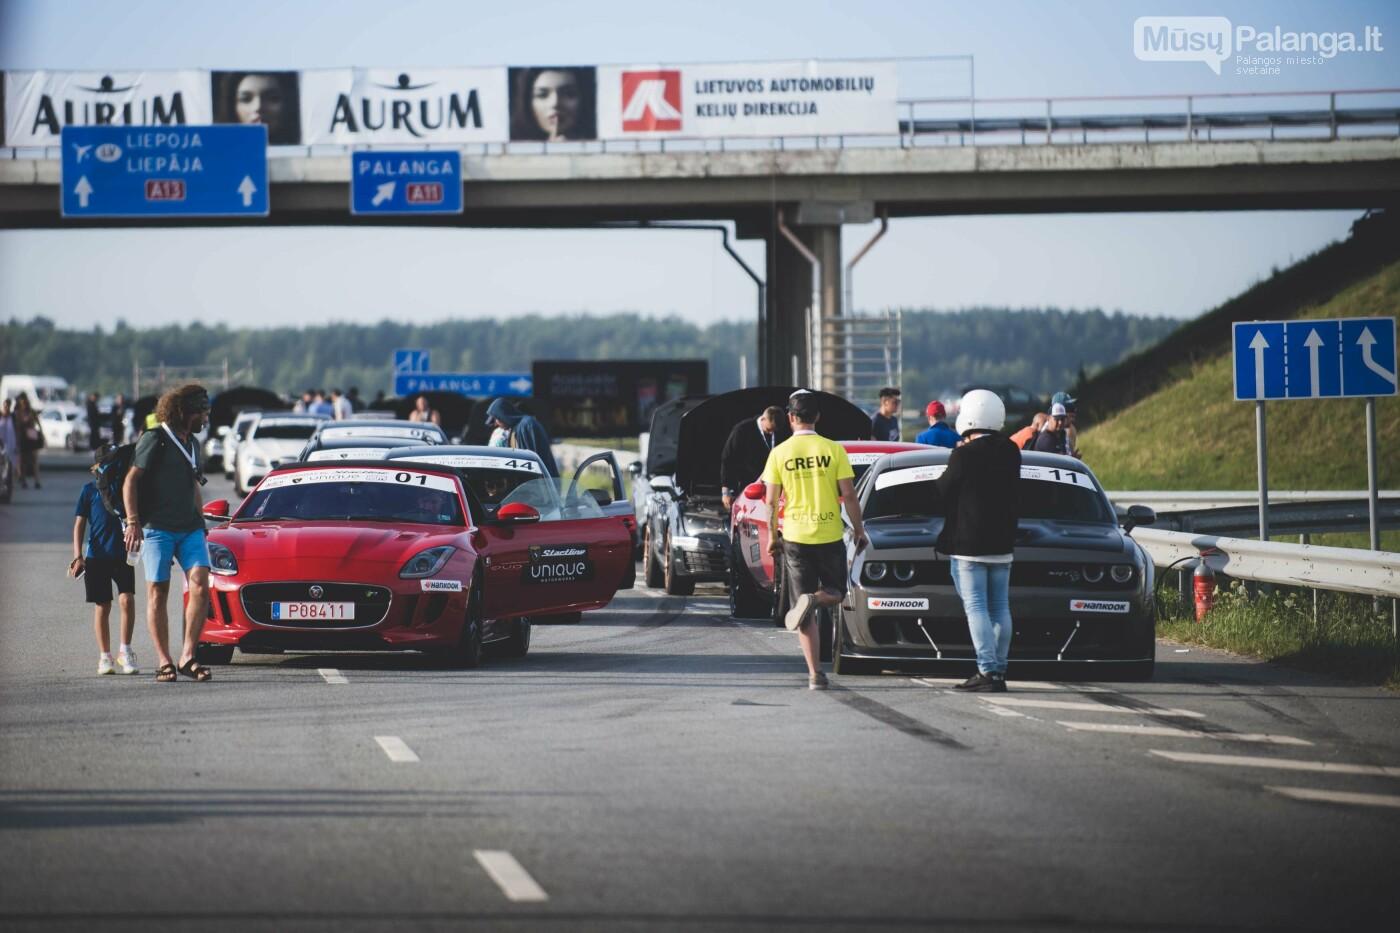 Jubiliejinės drag'o varžybos – pagal atrankos rezultatus , nuotrauka-14, Vytauto PILKAUSKO ir Arno STRUMILOS nuotraukos